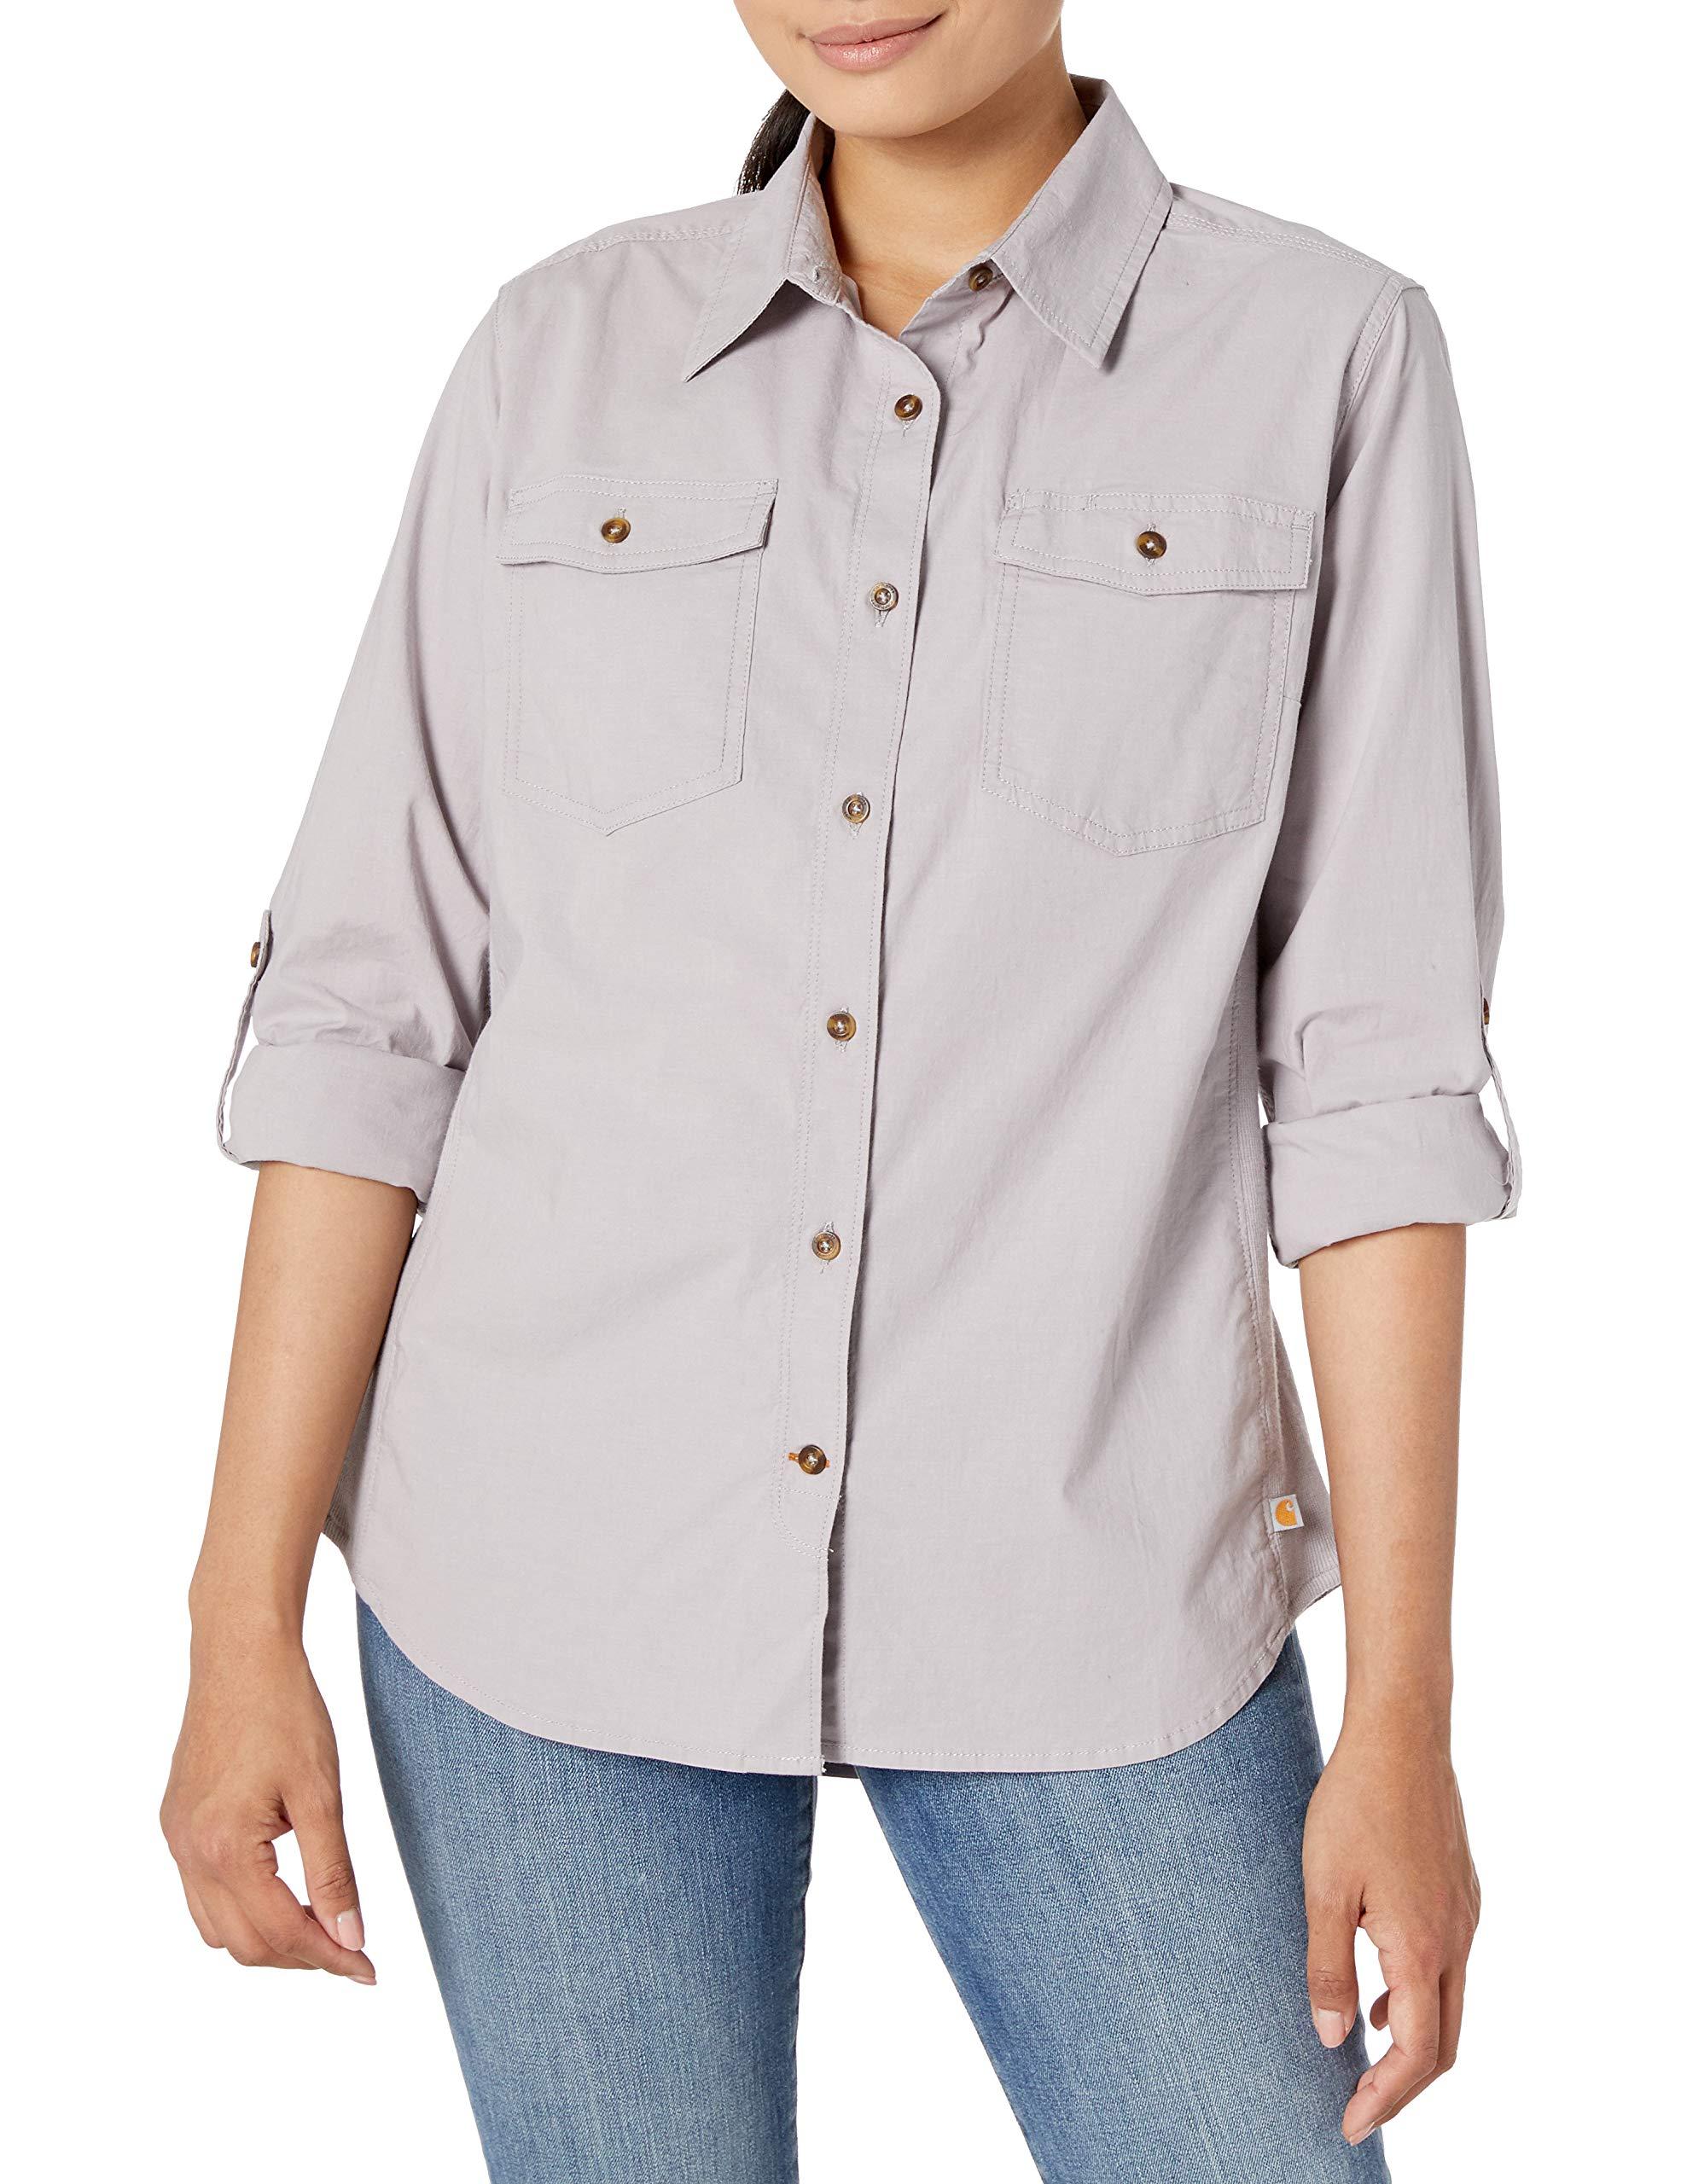 Carhartt Women's Regular Rugged Flex Bozeman Shirt